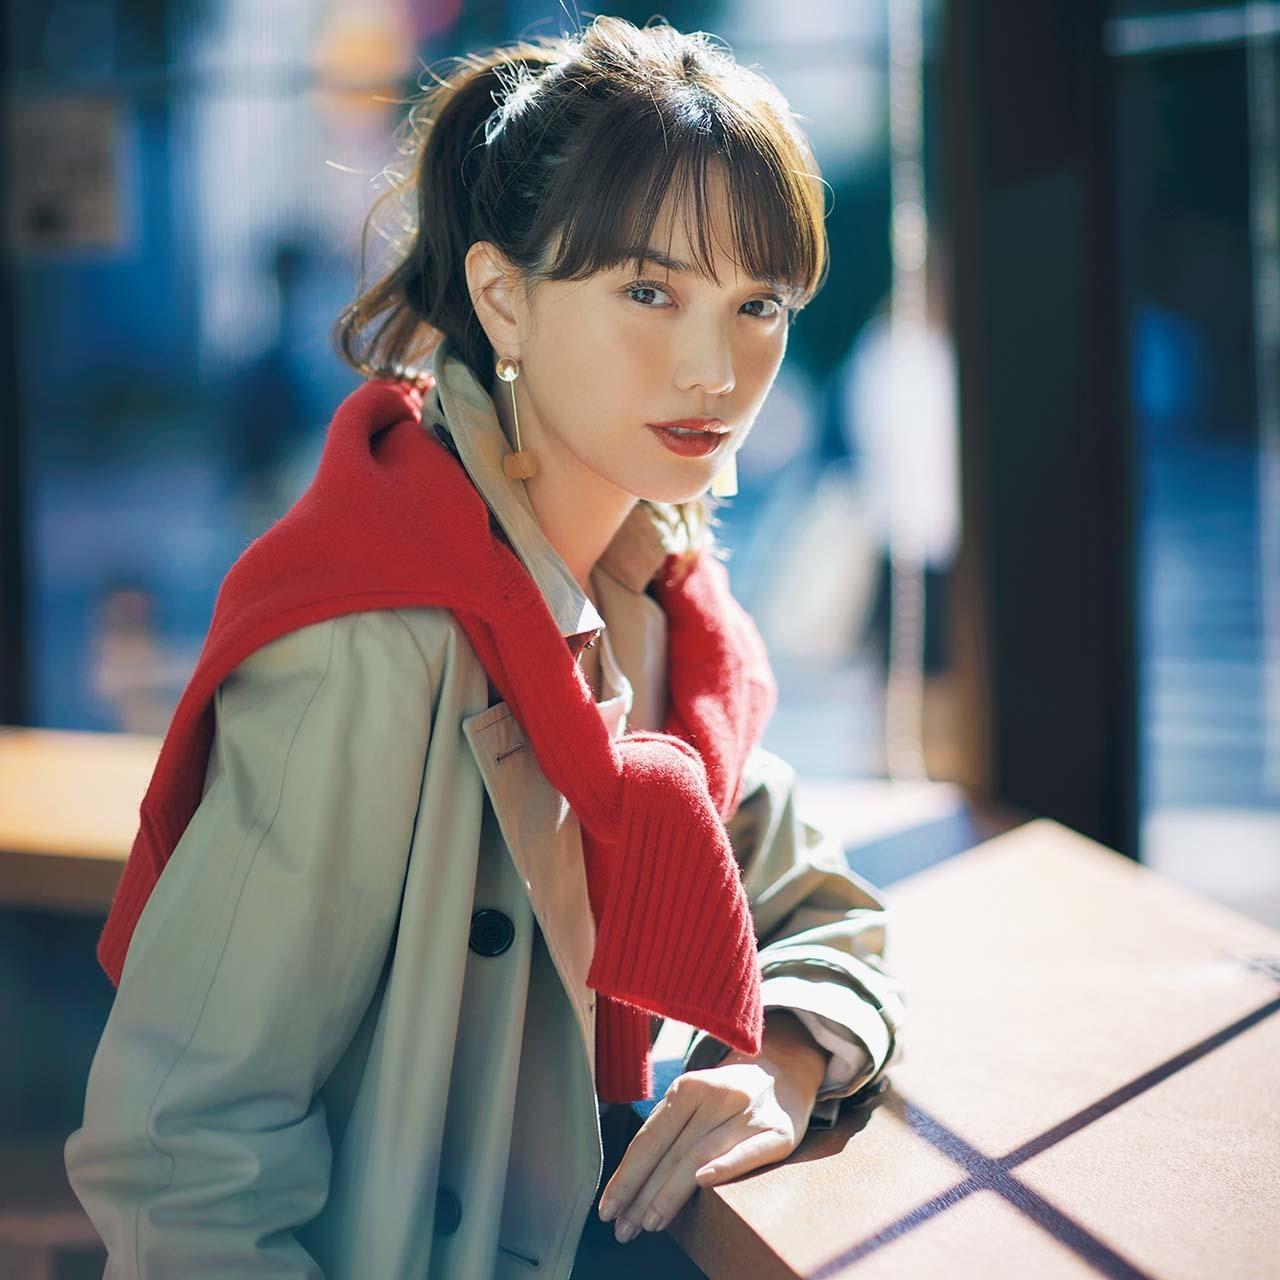 赤カーディガン×トレンチコートのファッションコーデ